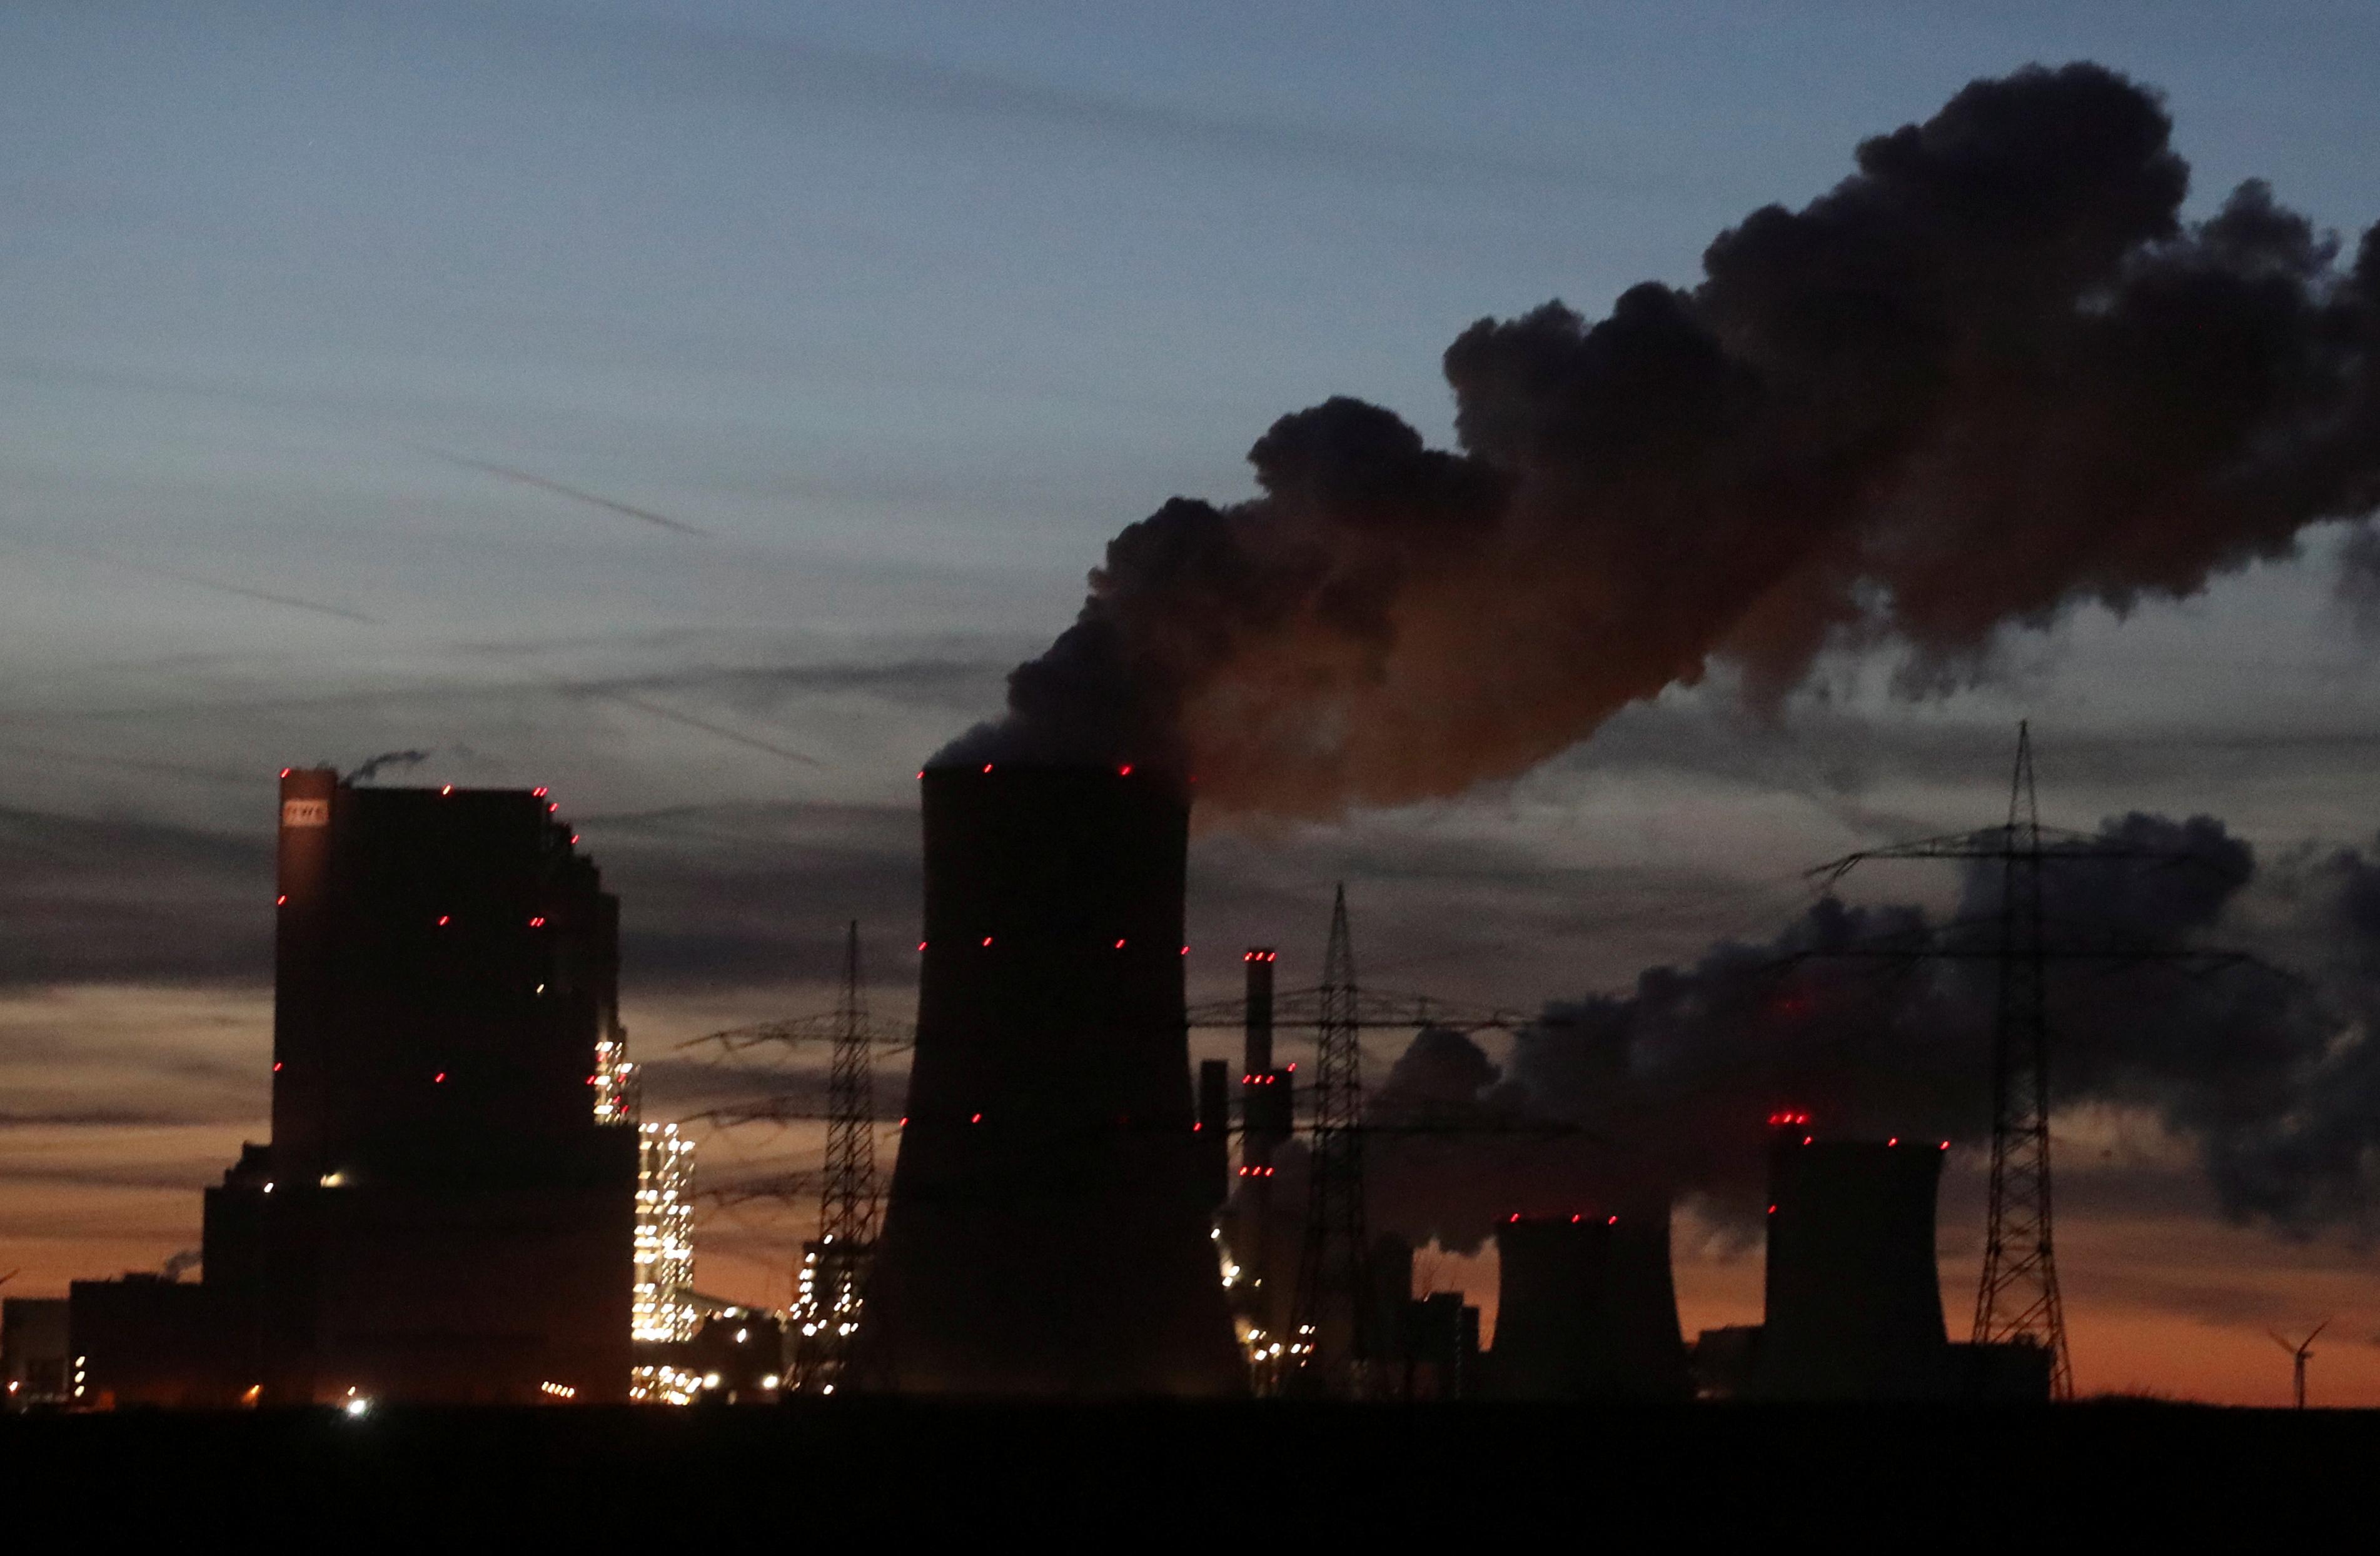 Βρετανία: «Πράσινη κατασκοπεία» από την MI6 προς τους μεγάλους ρυπαντές του κόσμου